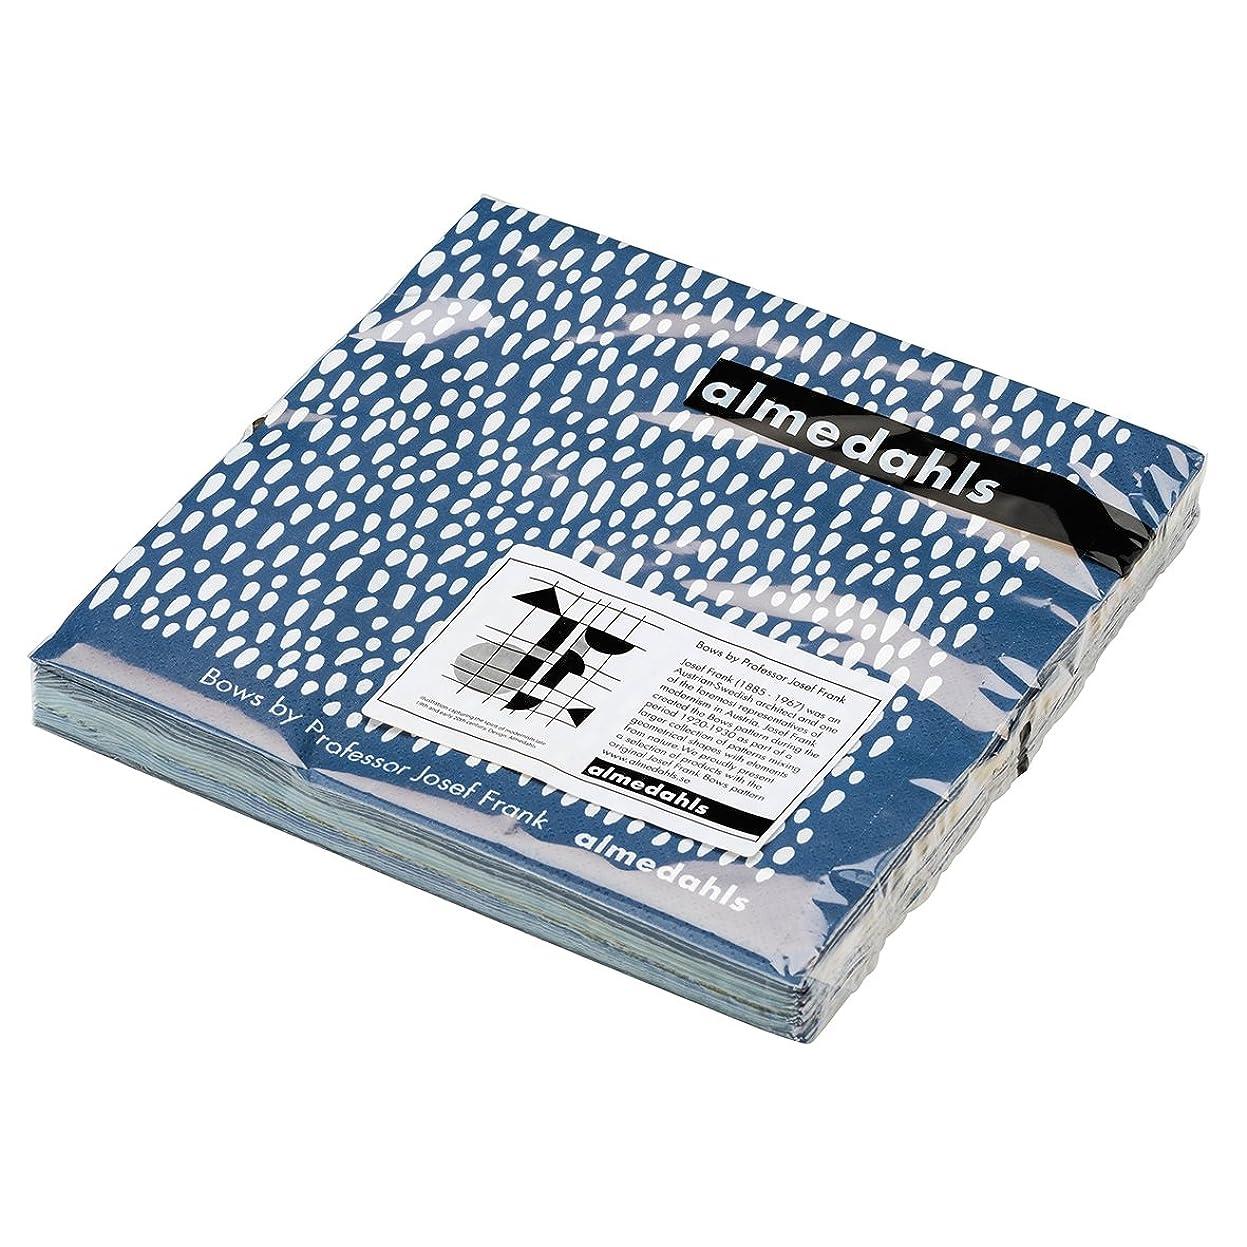 世界無秩序月almedahls アルメダールス?ペーパーナプキン(BOWS/70394555)北欧雑貨 (ブルー)